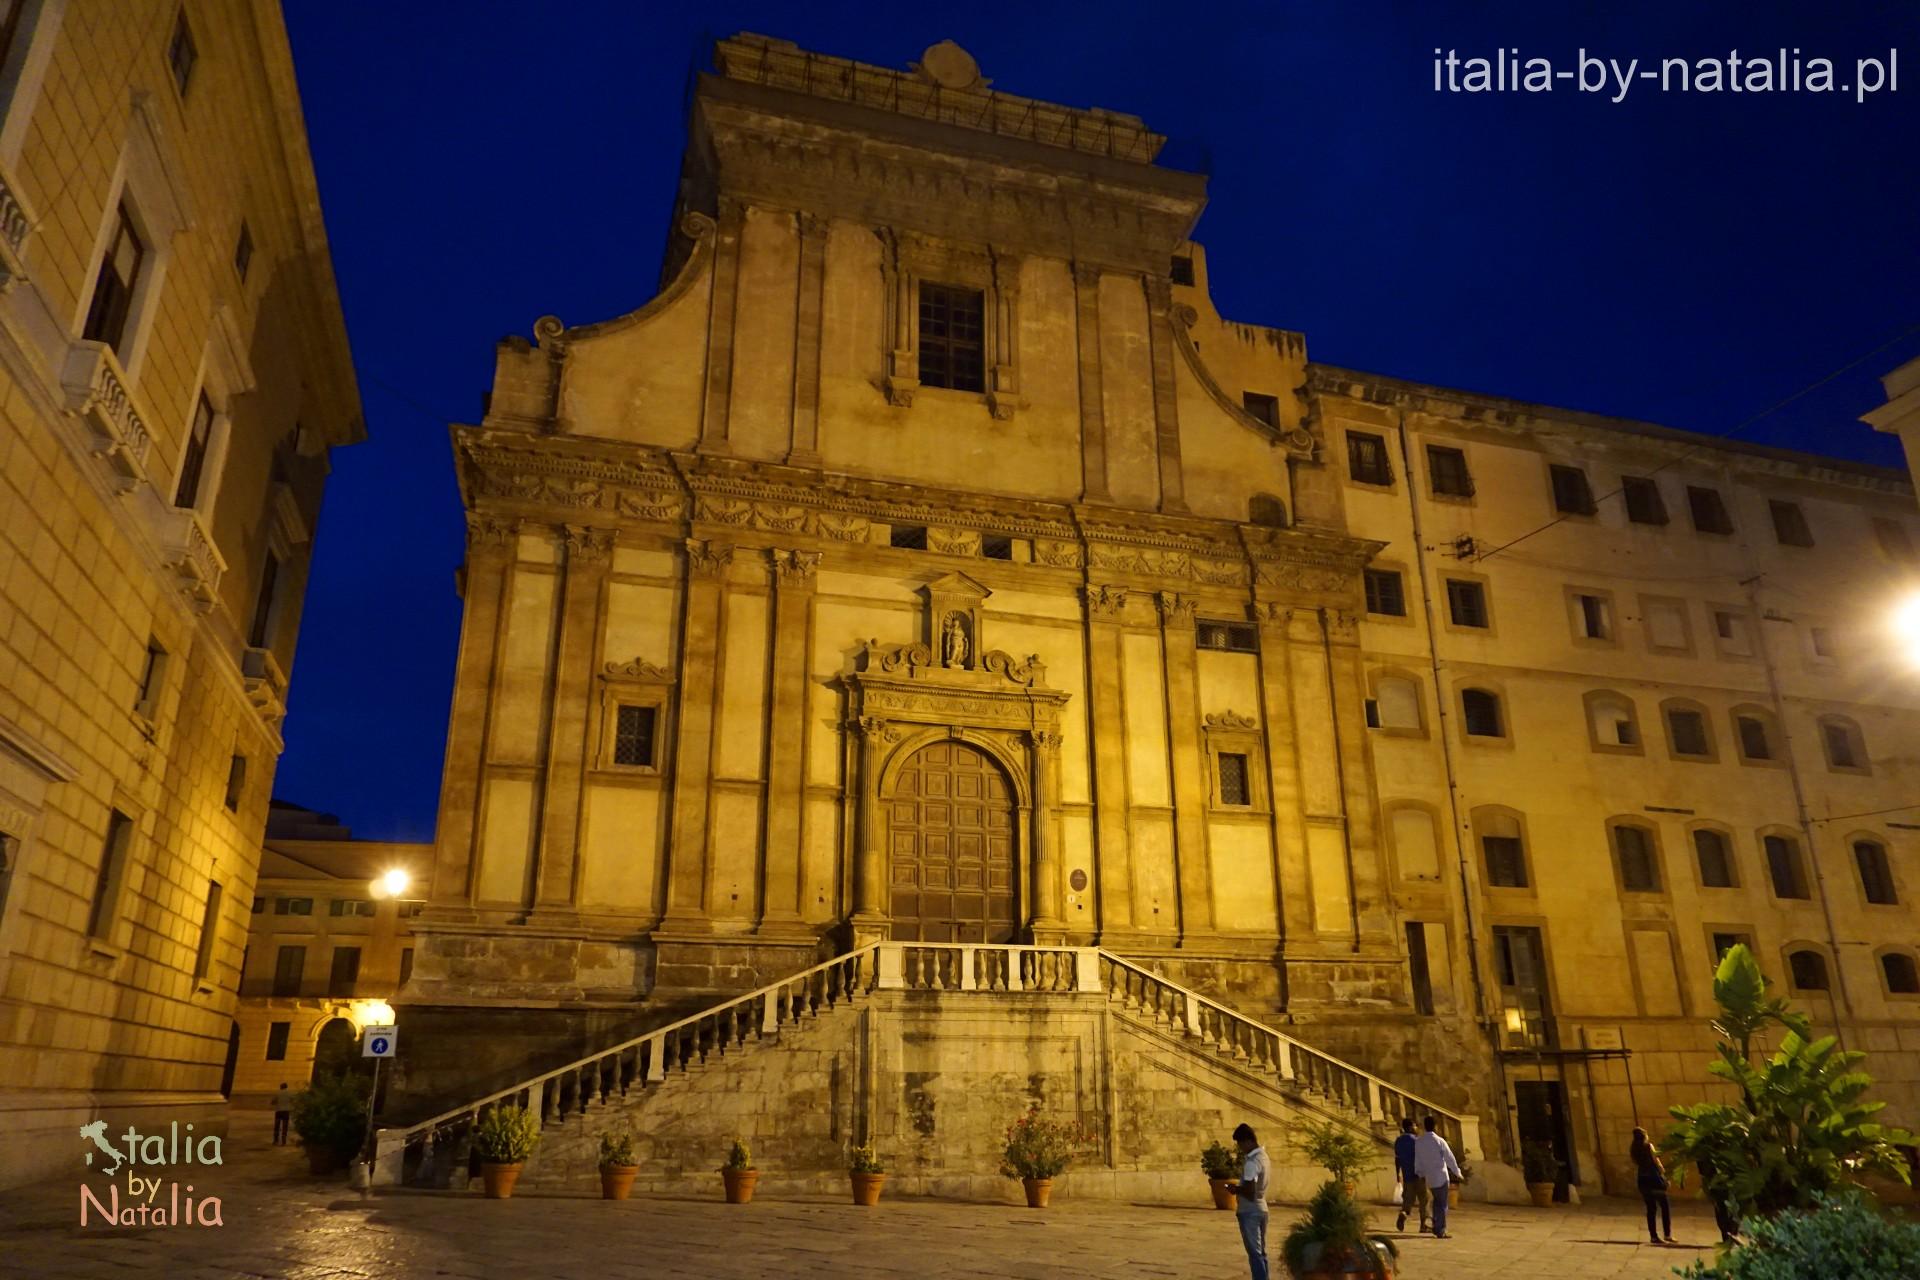 Palermo Santa Caterina Piazza Bellini